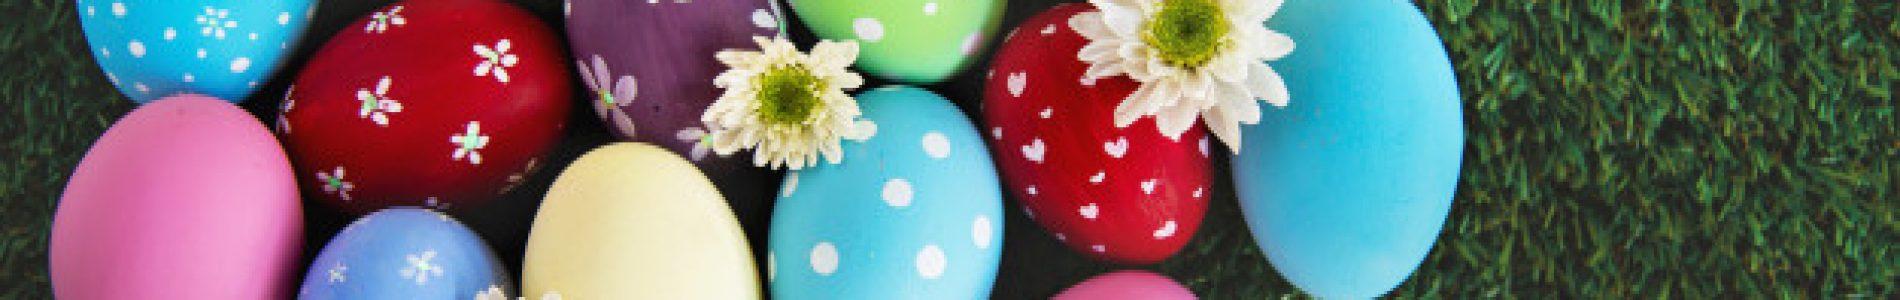 fundo-de-ovos-de-pascoa-coloridos-pintados-conceito-de-fundo-de-celebracao-de-feriado-de-pascoa_1150-9219